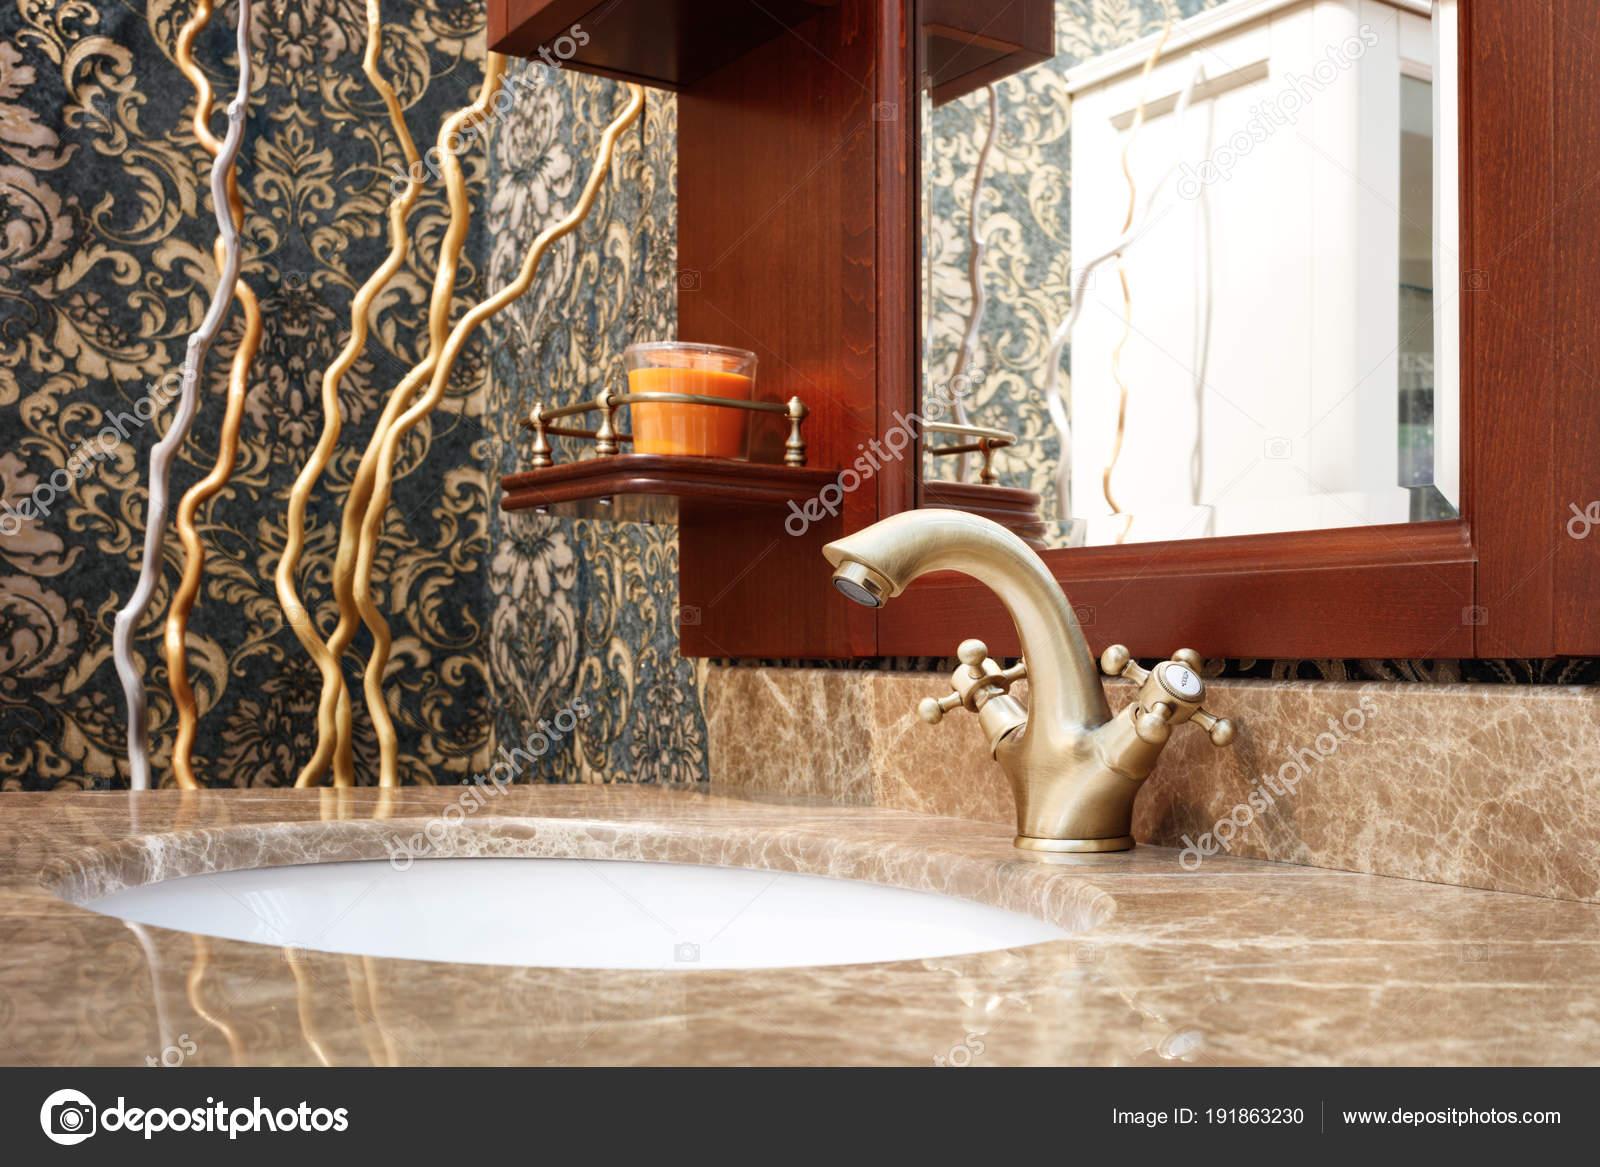 Klassische Nterior Badezimmer Mit Waschbecken Und Klassischen Retro